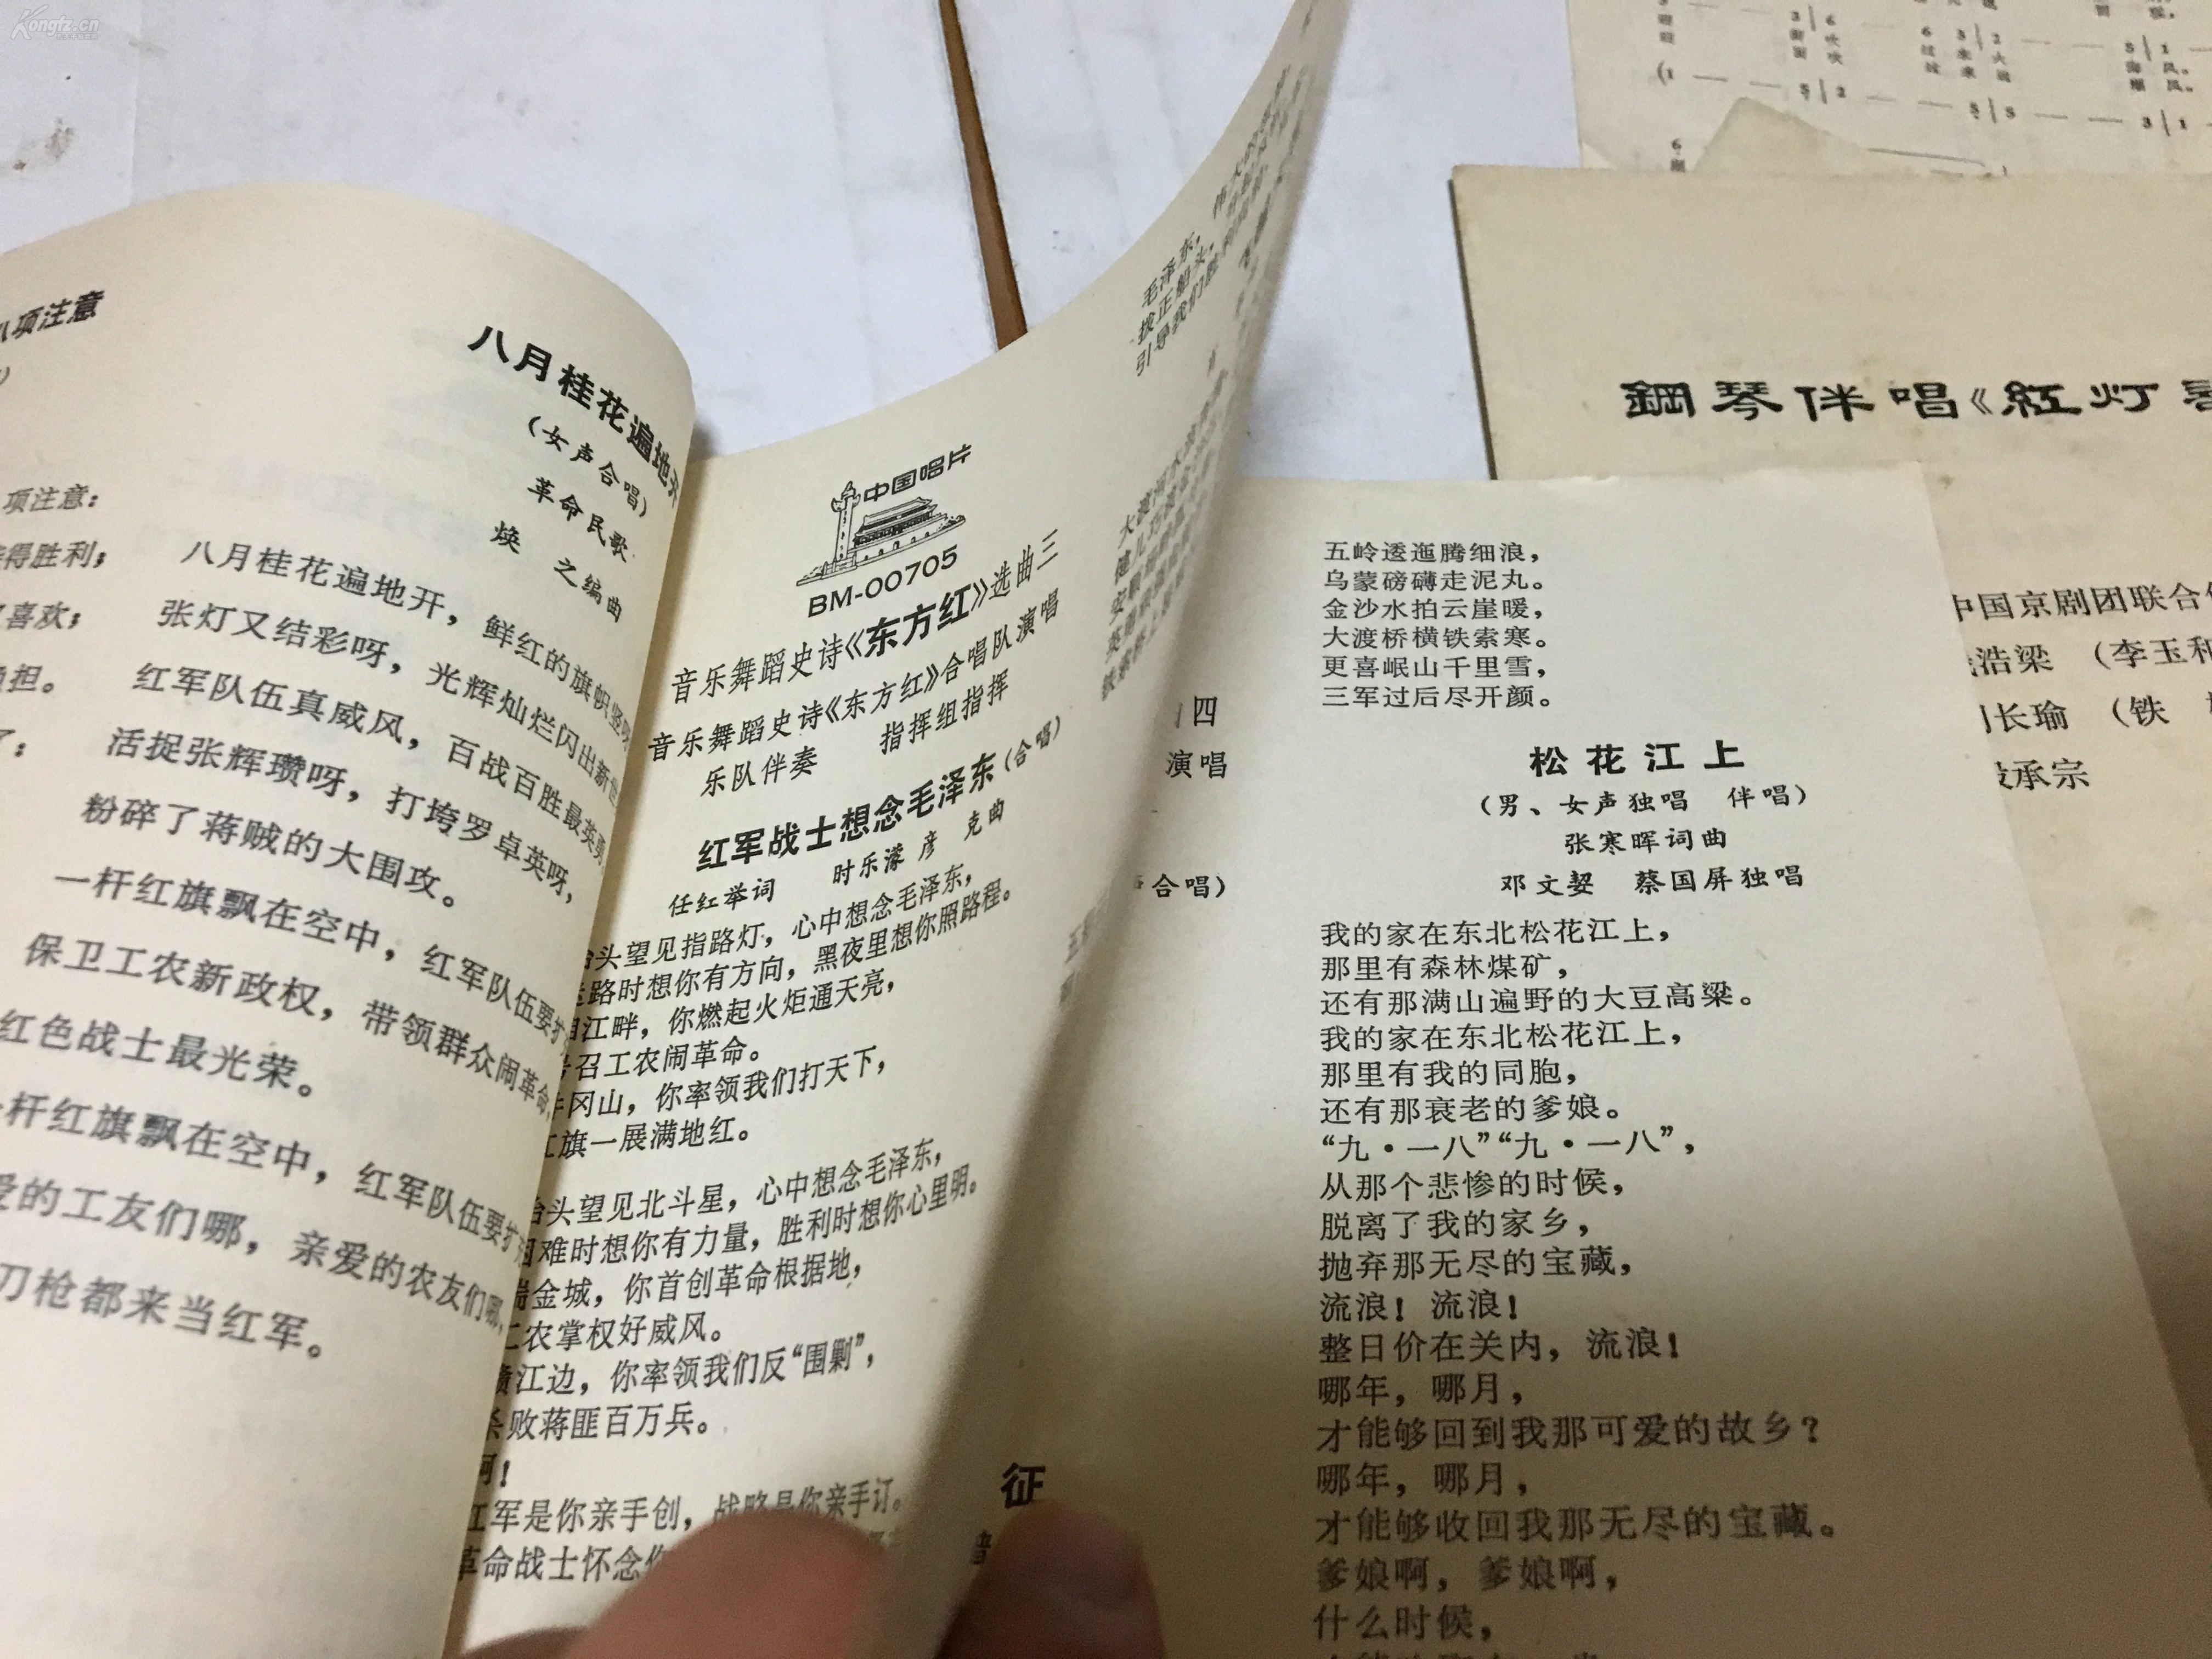 六十年代 中国唱片 歌词一组 红灯记 音乐舞蹈史诗东方红 歌剧白毛女